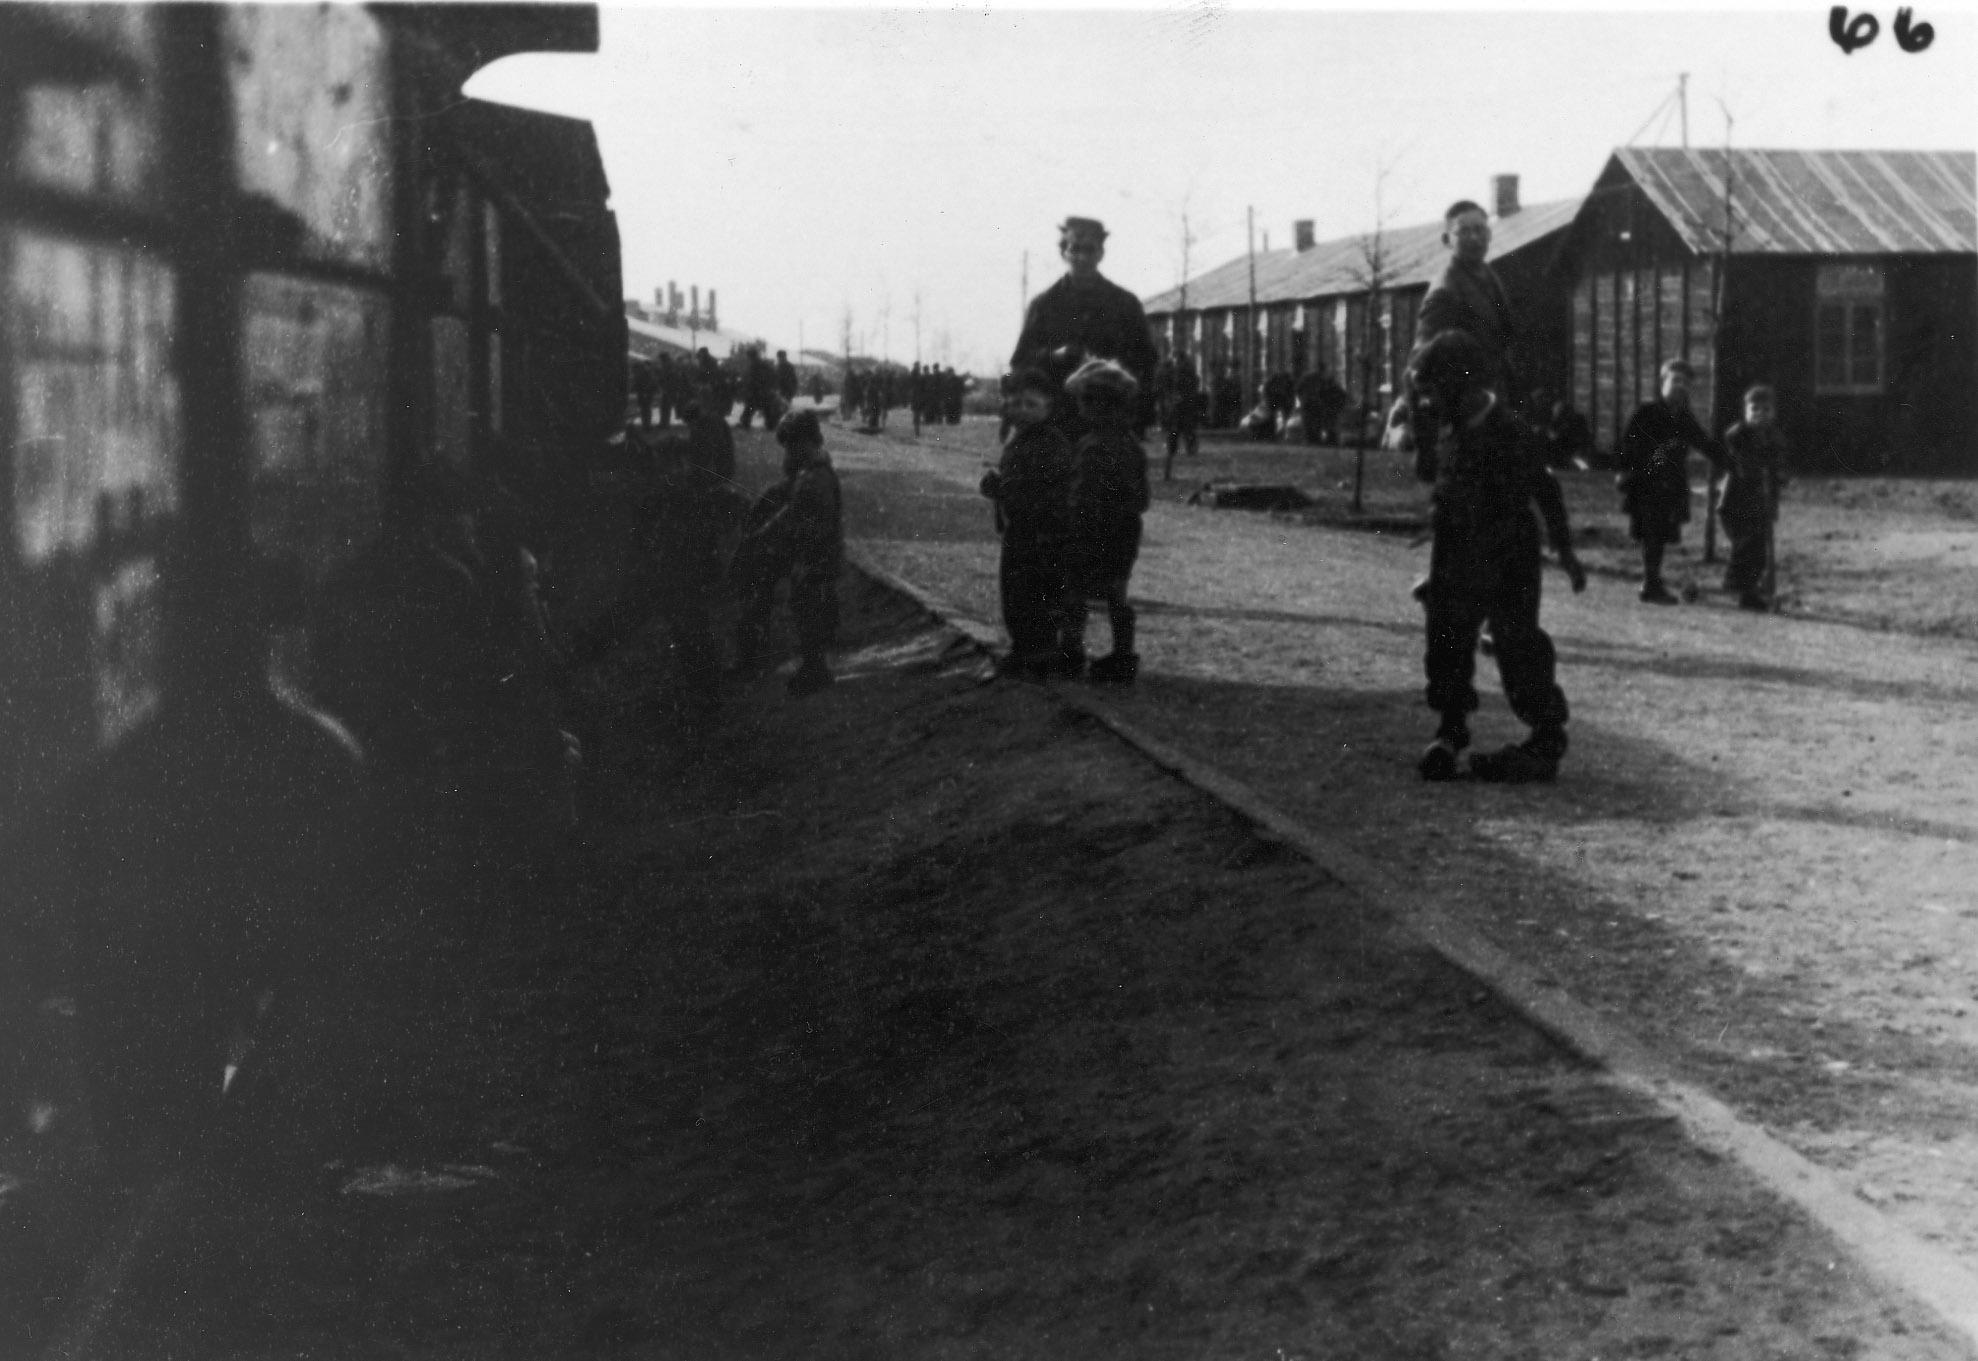 Herinneringscentrum Kamp Westerbork-NIOD